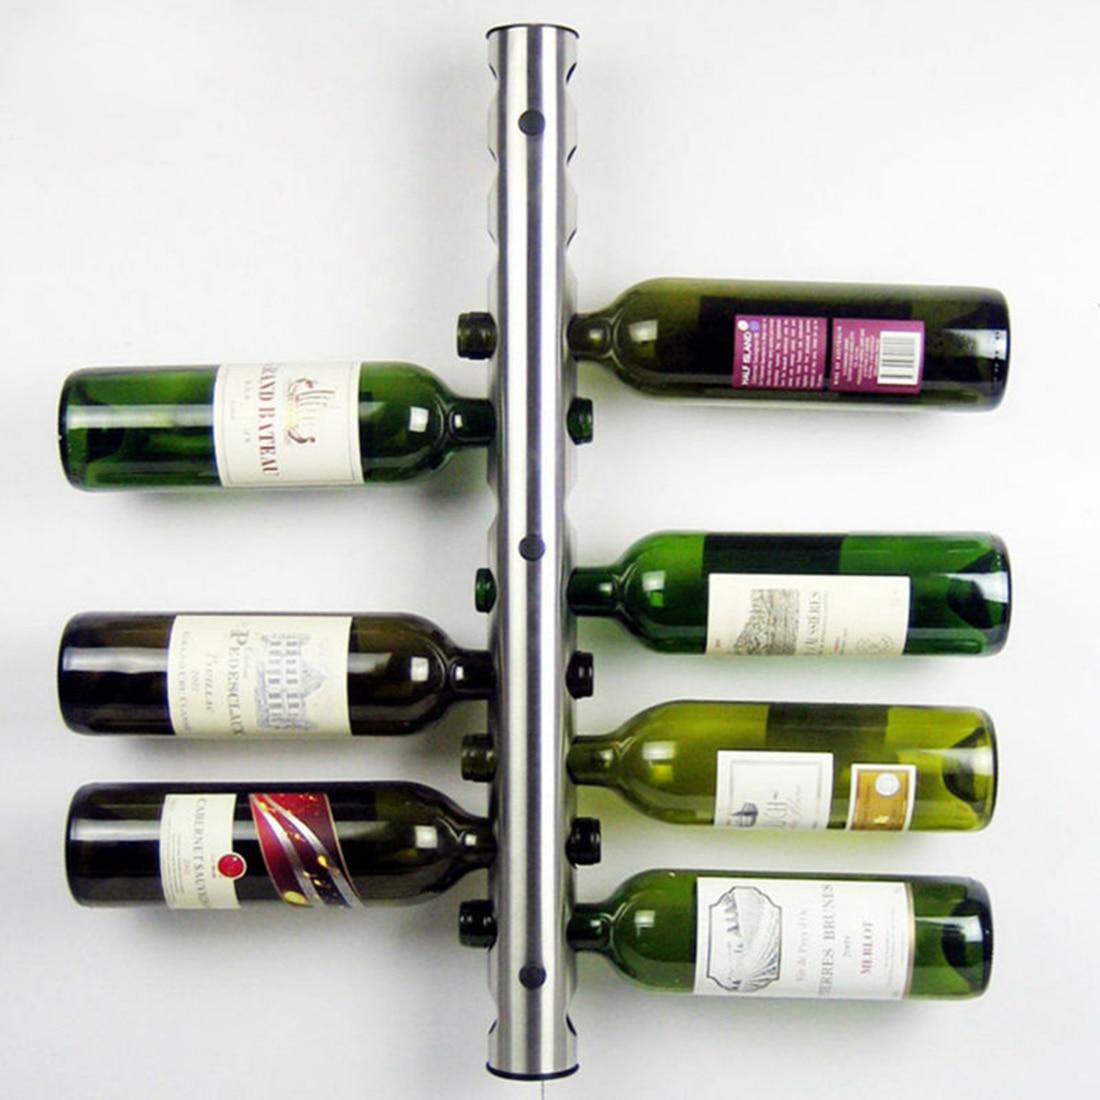 კრეატიული ღვინის თაროს - სამზარეულო, სასადილო და ბარი - ფოტო 2